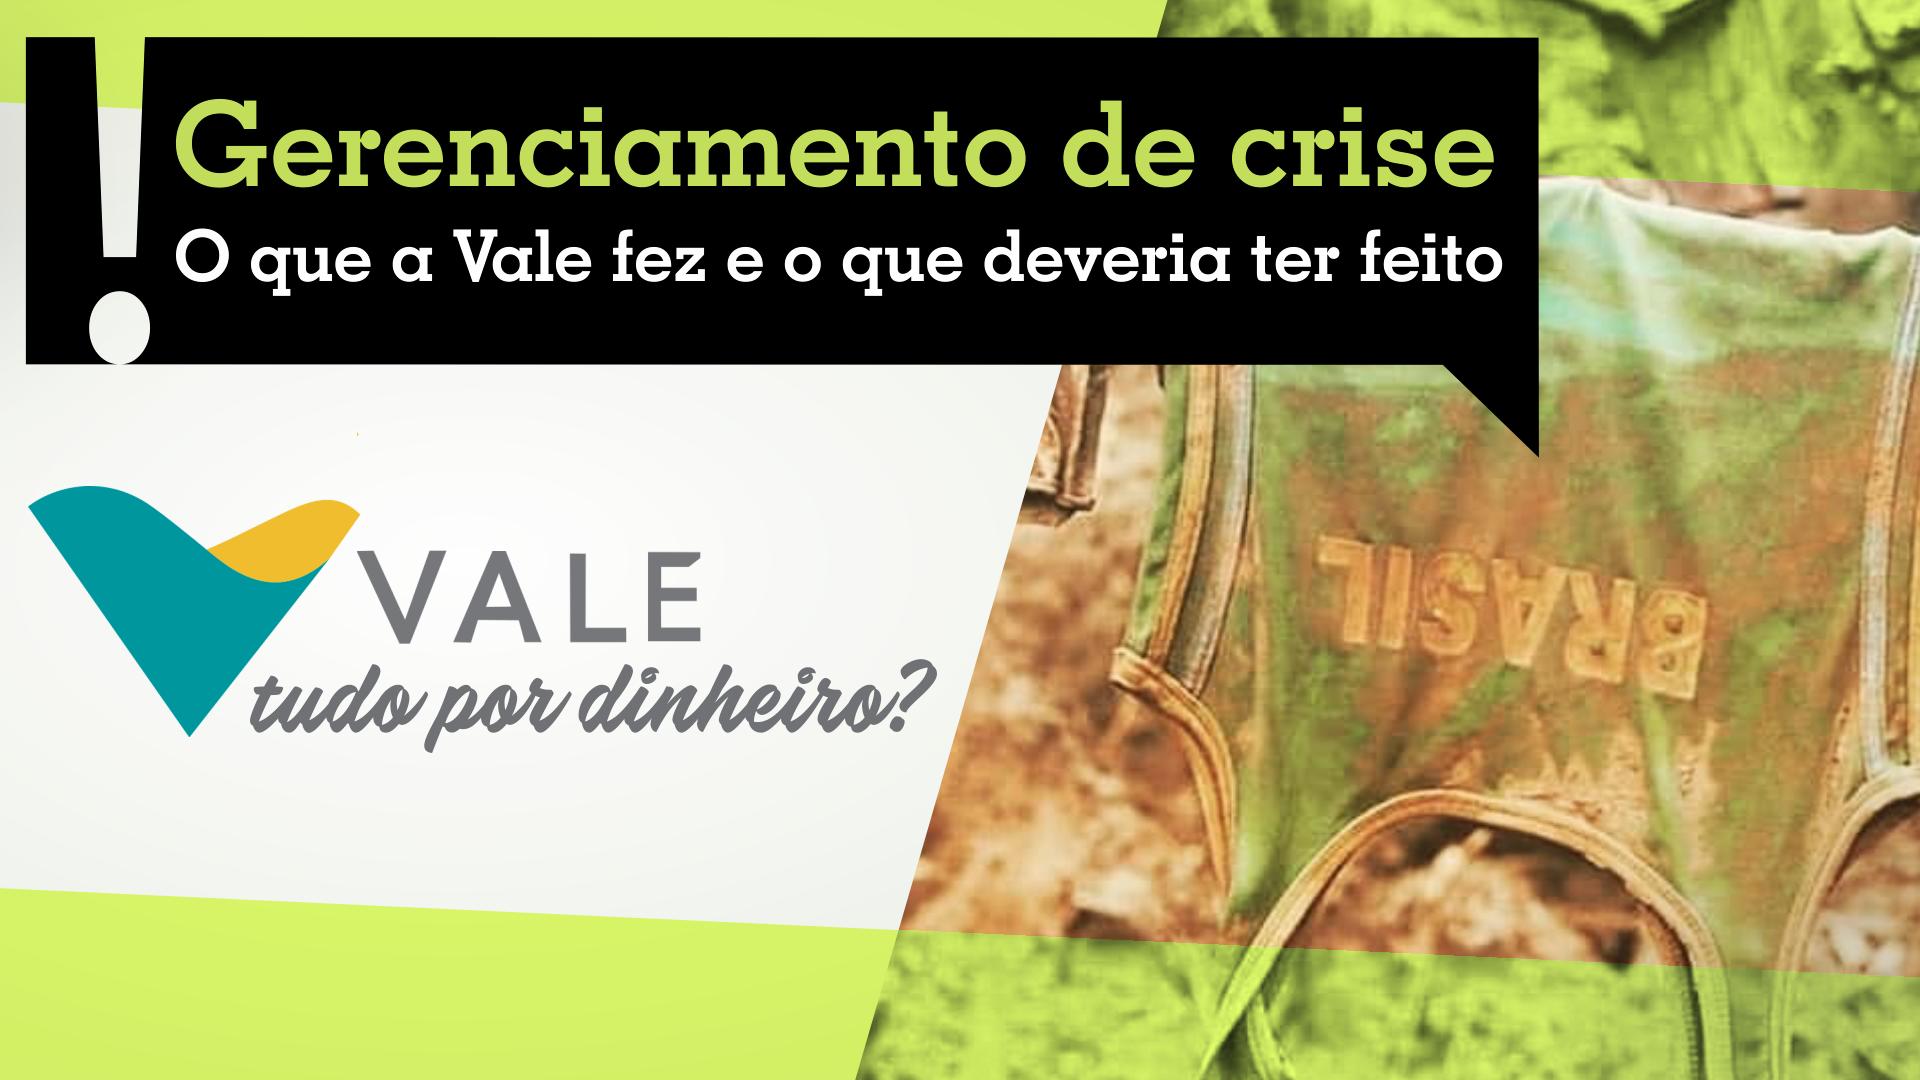 Tragédia em Brumadinho: 5 ações de gerenciamento de crise que a Vale deveria ter tomado